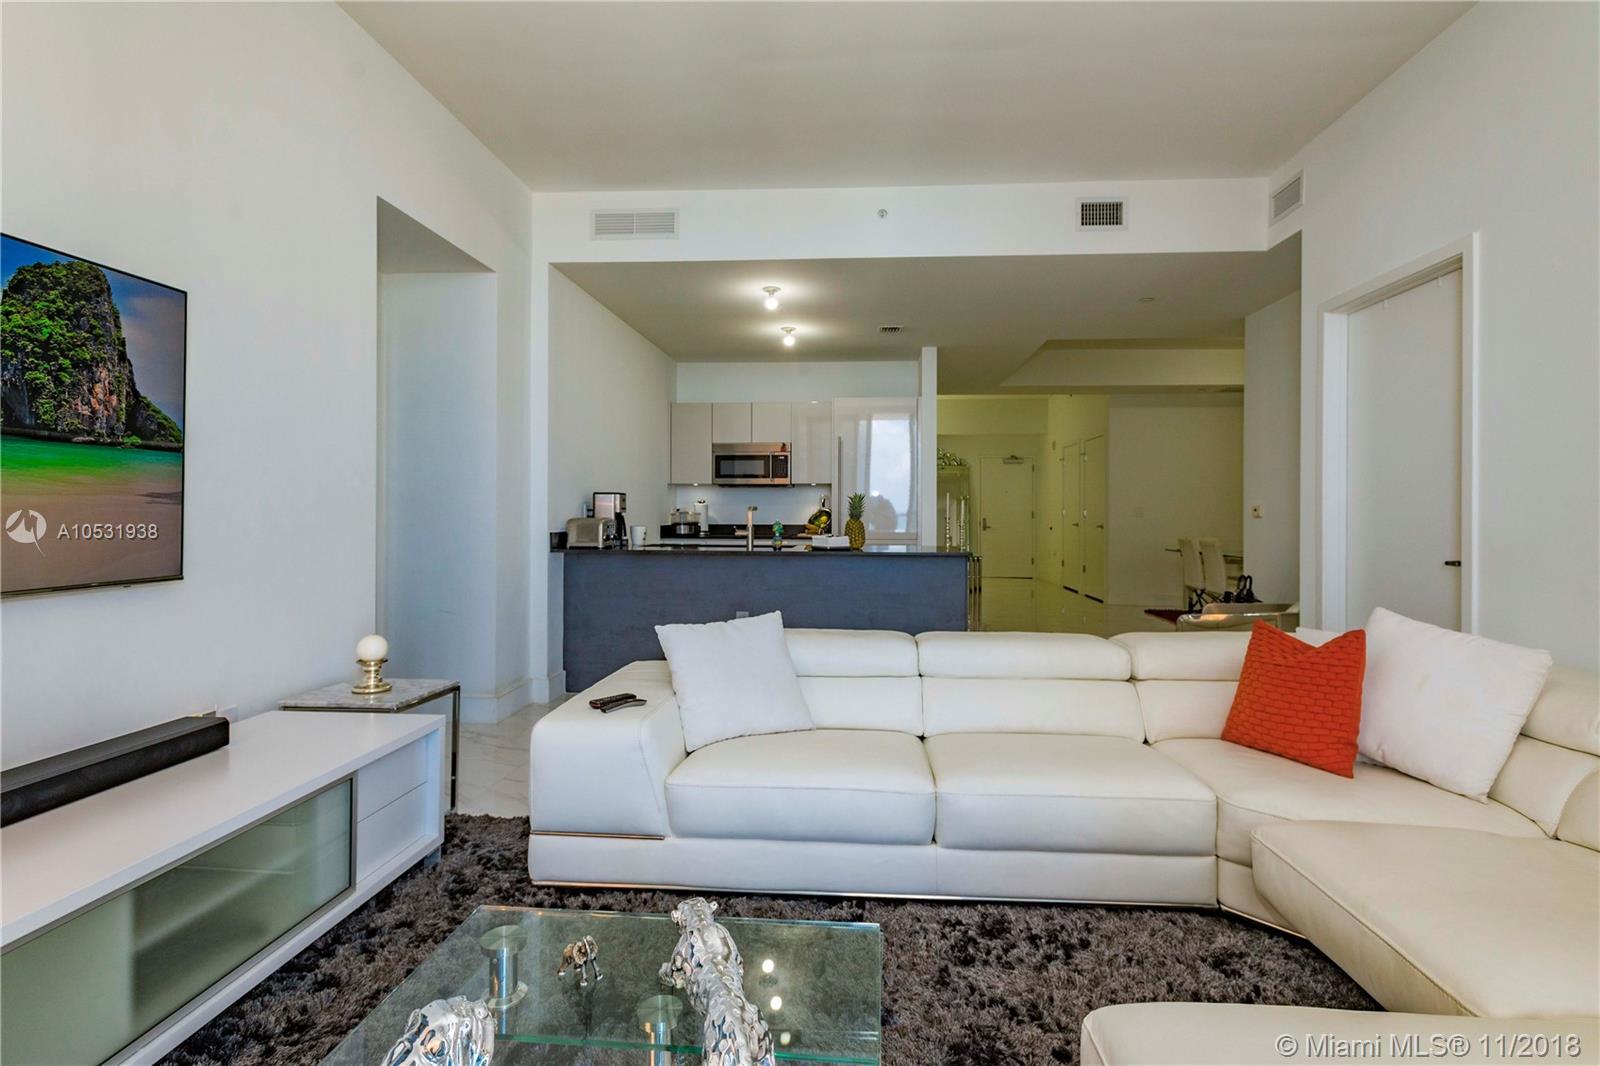 1010 Brickell Avenue, Miami, FL 33131, 1010 Brickell #4704, Brickell, Miami A10531938 image #6